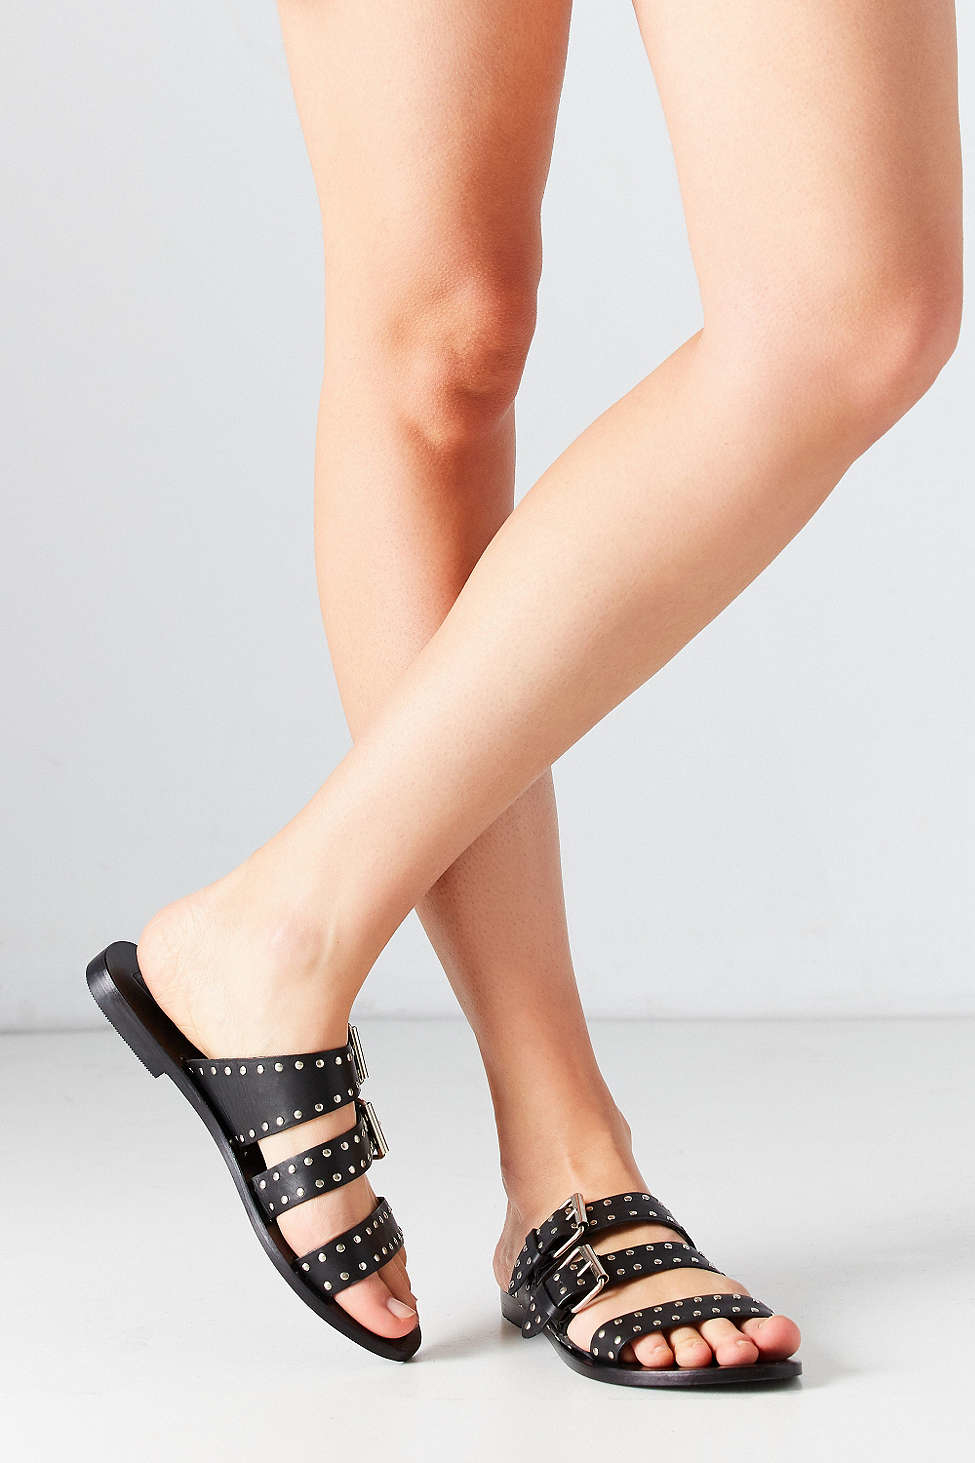 Vente Avec Paypal Fiable Prix Pas Cher Sol Sana Favoriser Sandale Oeillet Prix D'usine OqbgDZWu6P